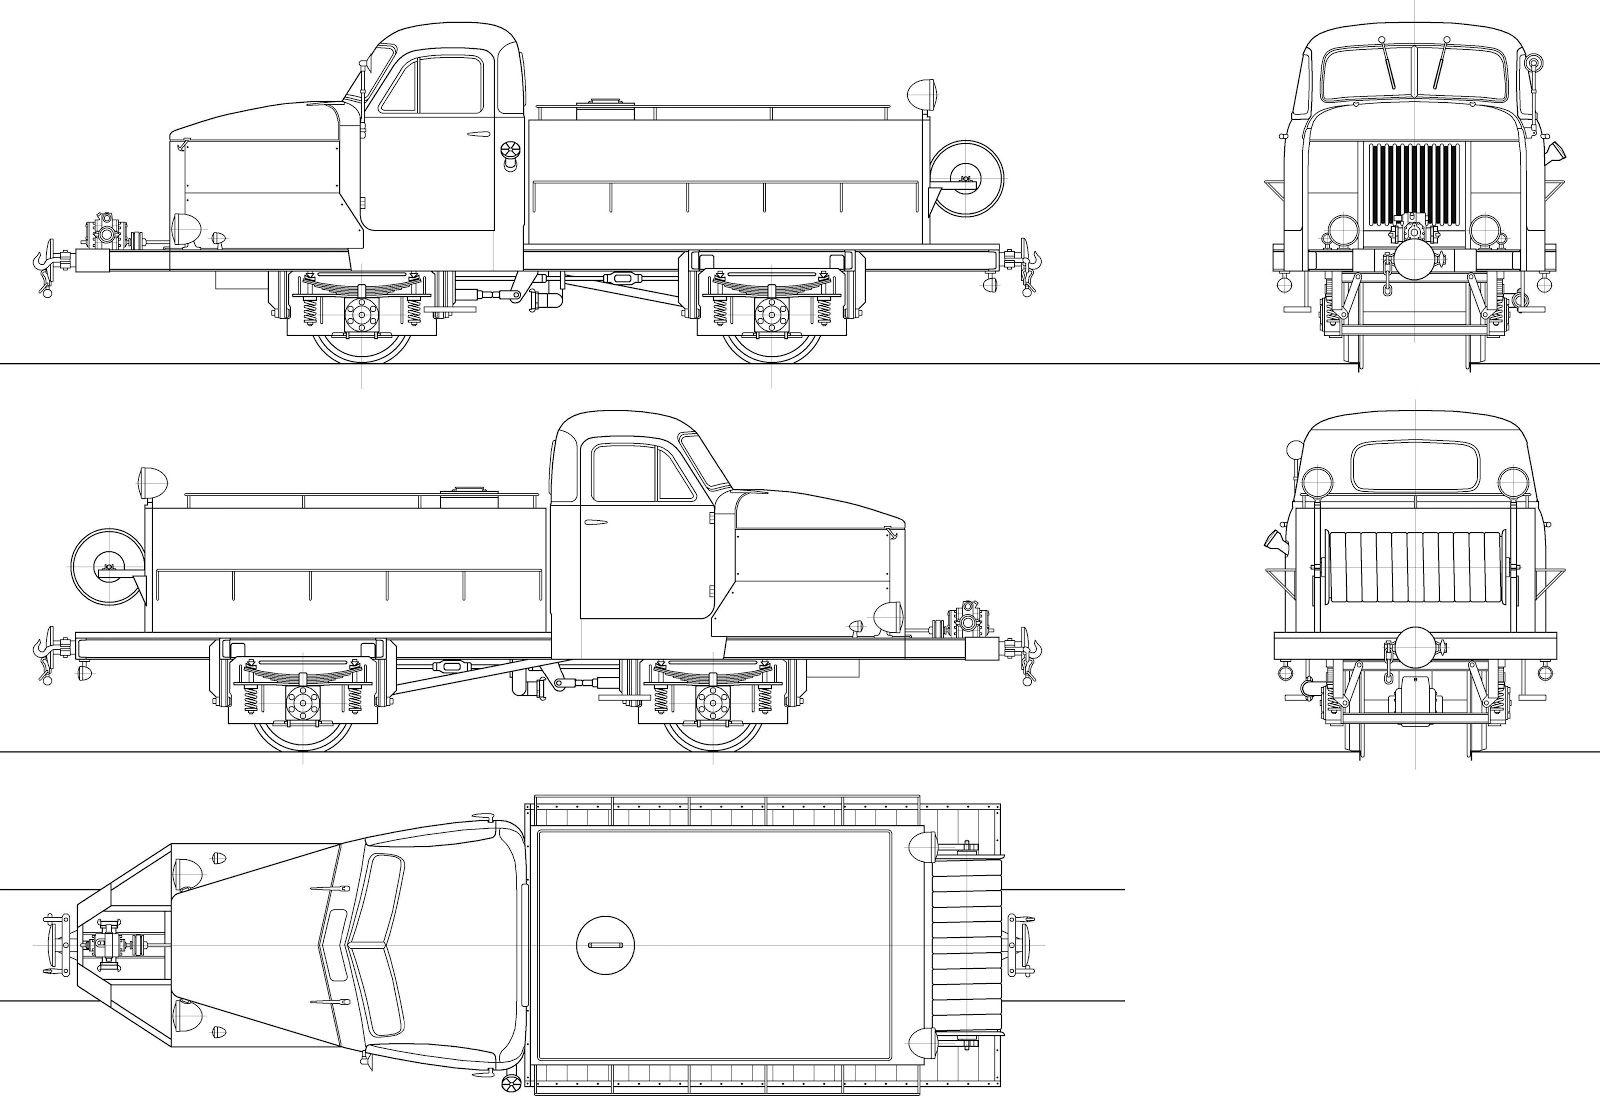 blog dedicated to narrow gauge railway modeling blog dedicado ao modelismo ferrovi rio em via estreita [ 1600 x 1113 Pixel ]